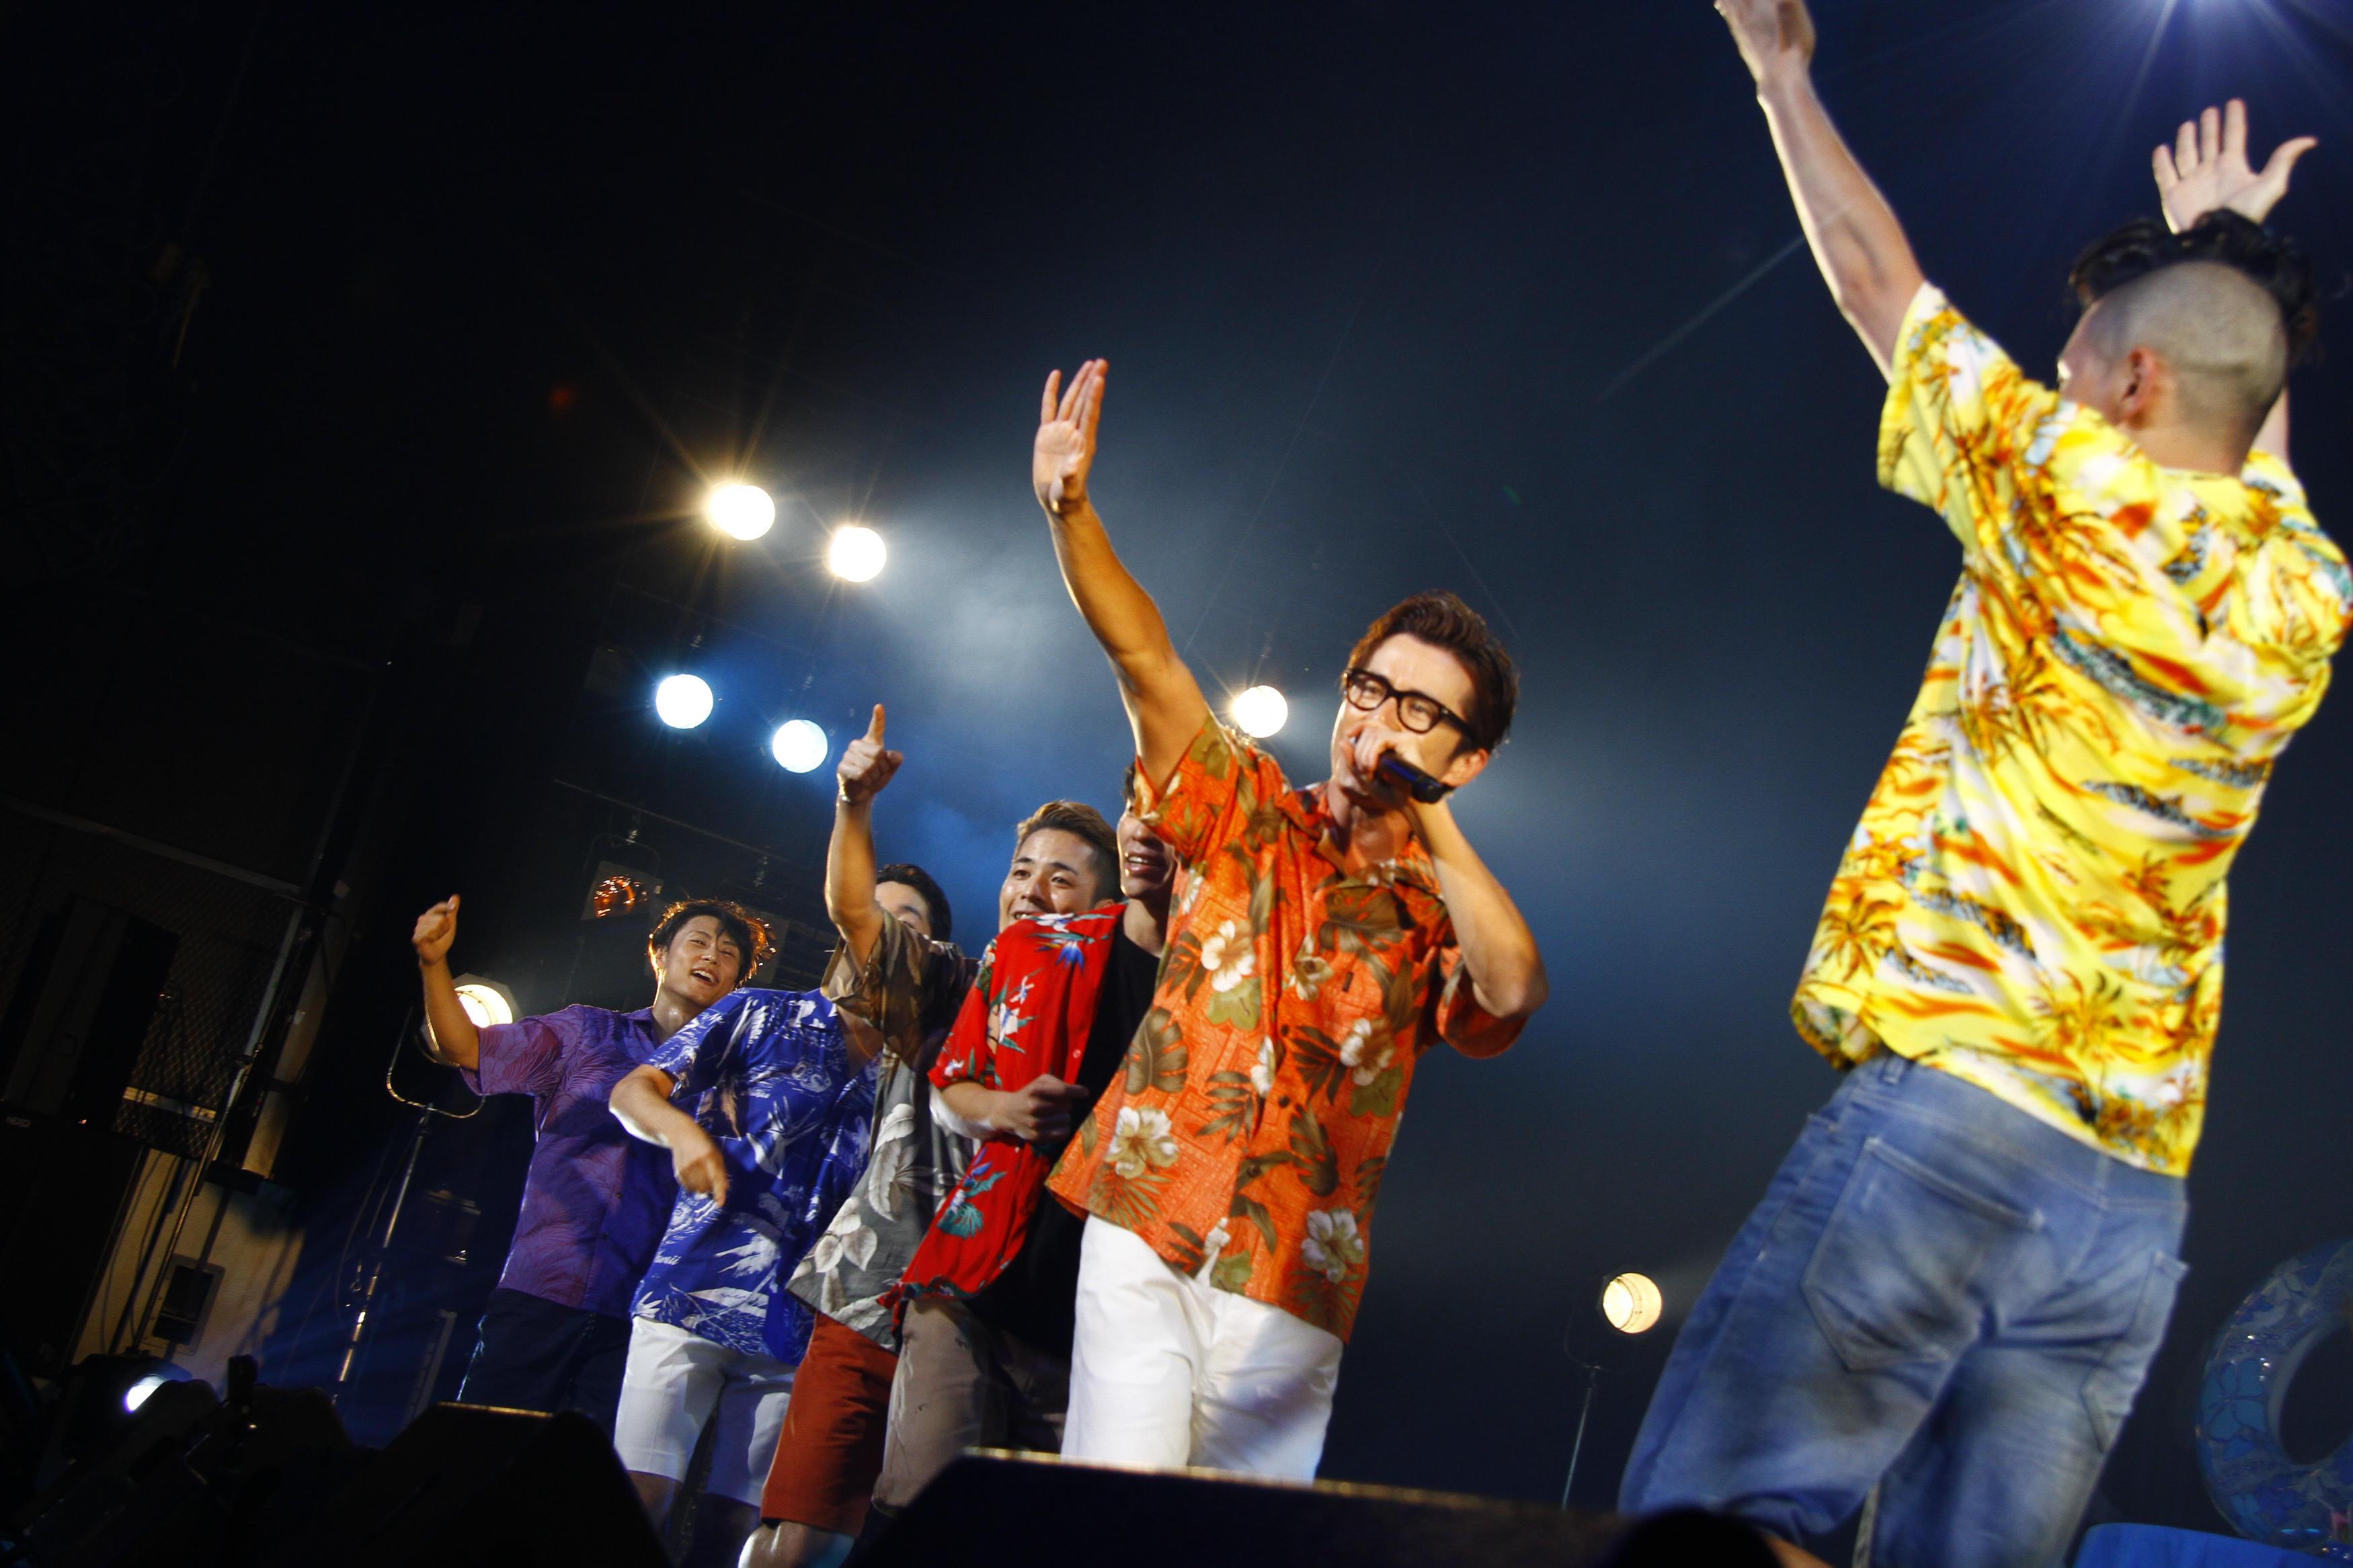 http://news.yoshimoto.co.jp/20160827113843-eae28a8740511079d9665a7e1b1985ea0c8f58c3.jpg